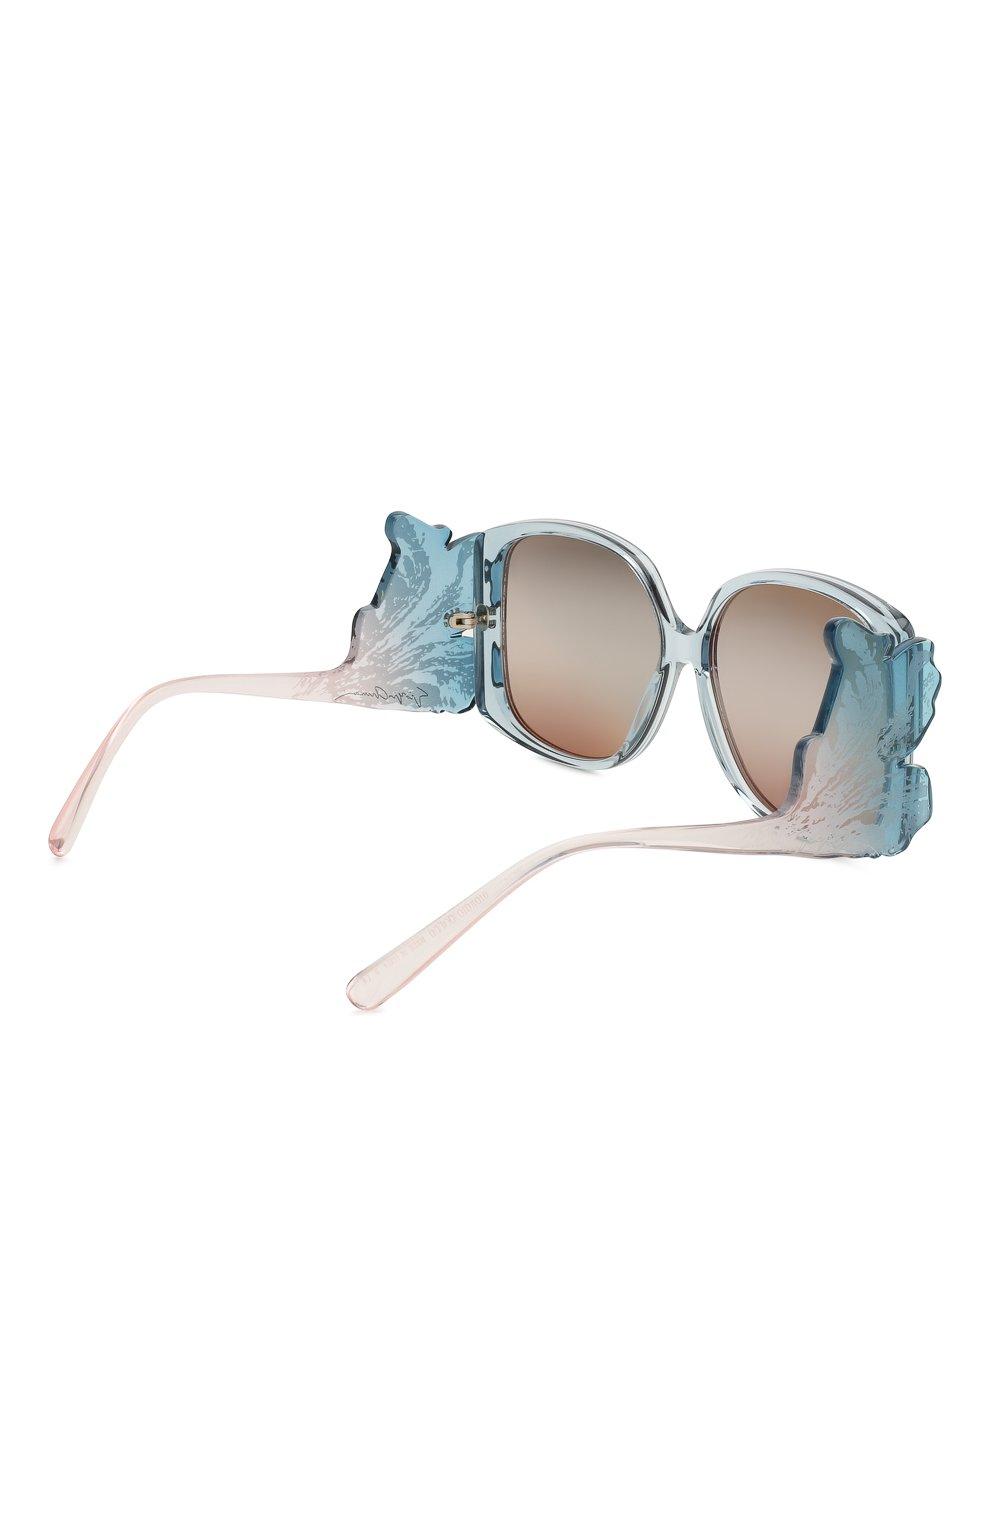 Женские солнцезащитные очки GIORGIO ARMANI голубого цвета, арт. 8137-5855K7 | Фото 4